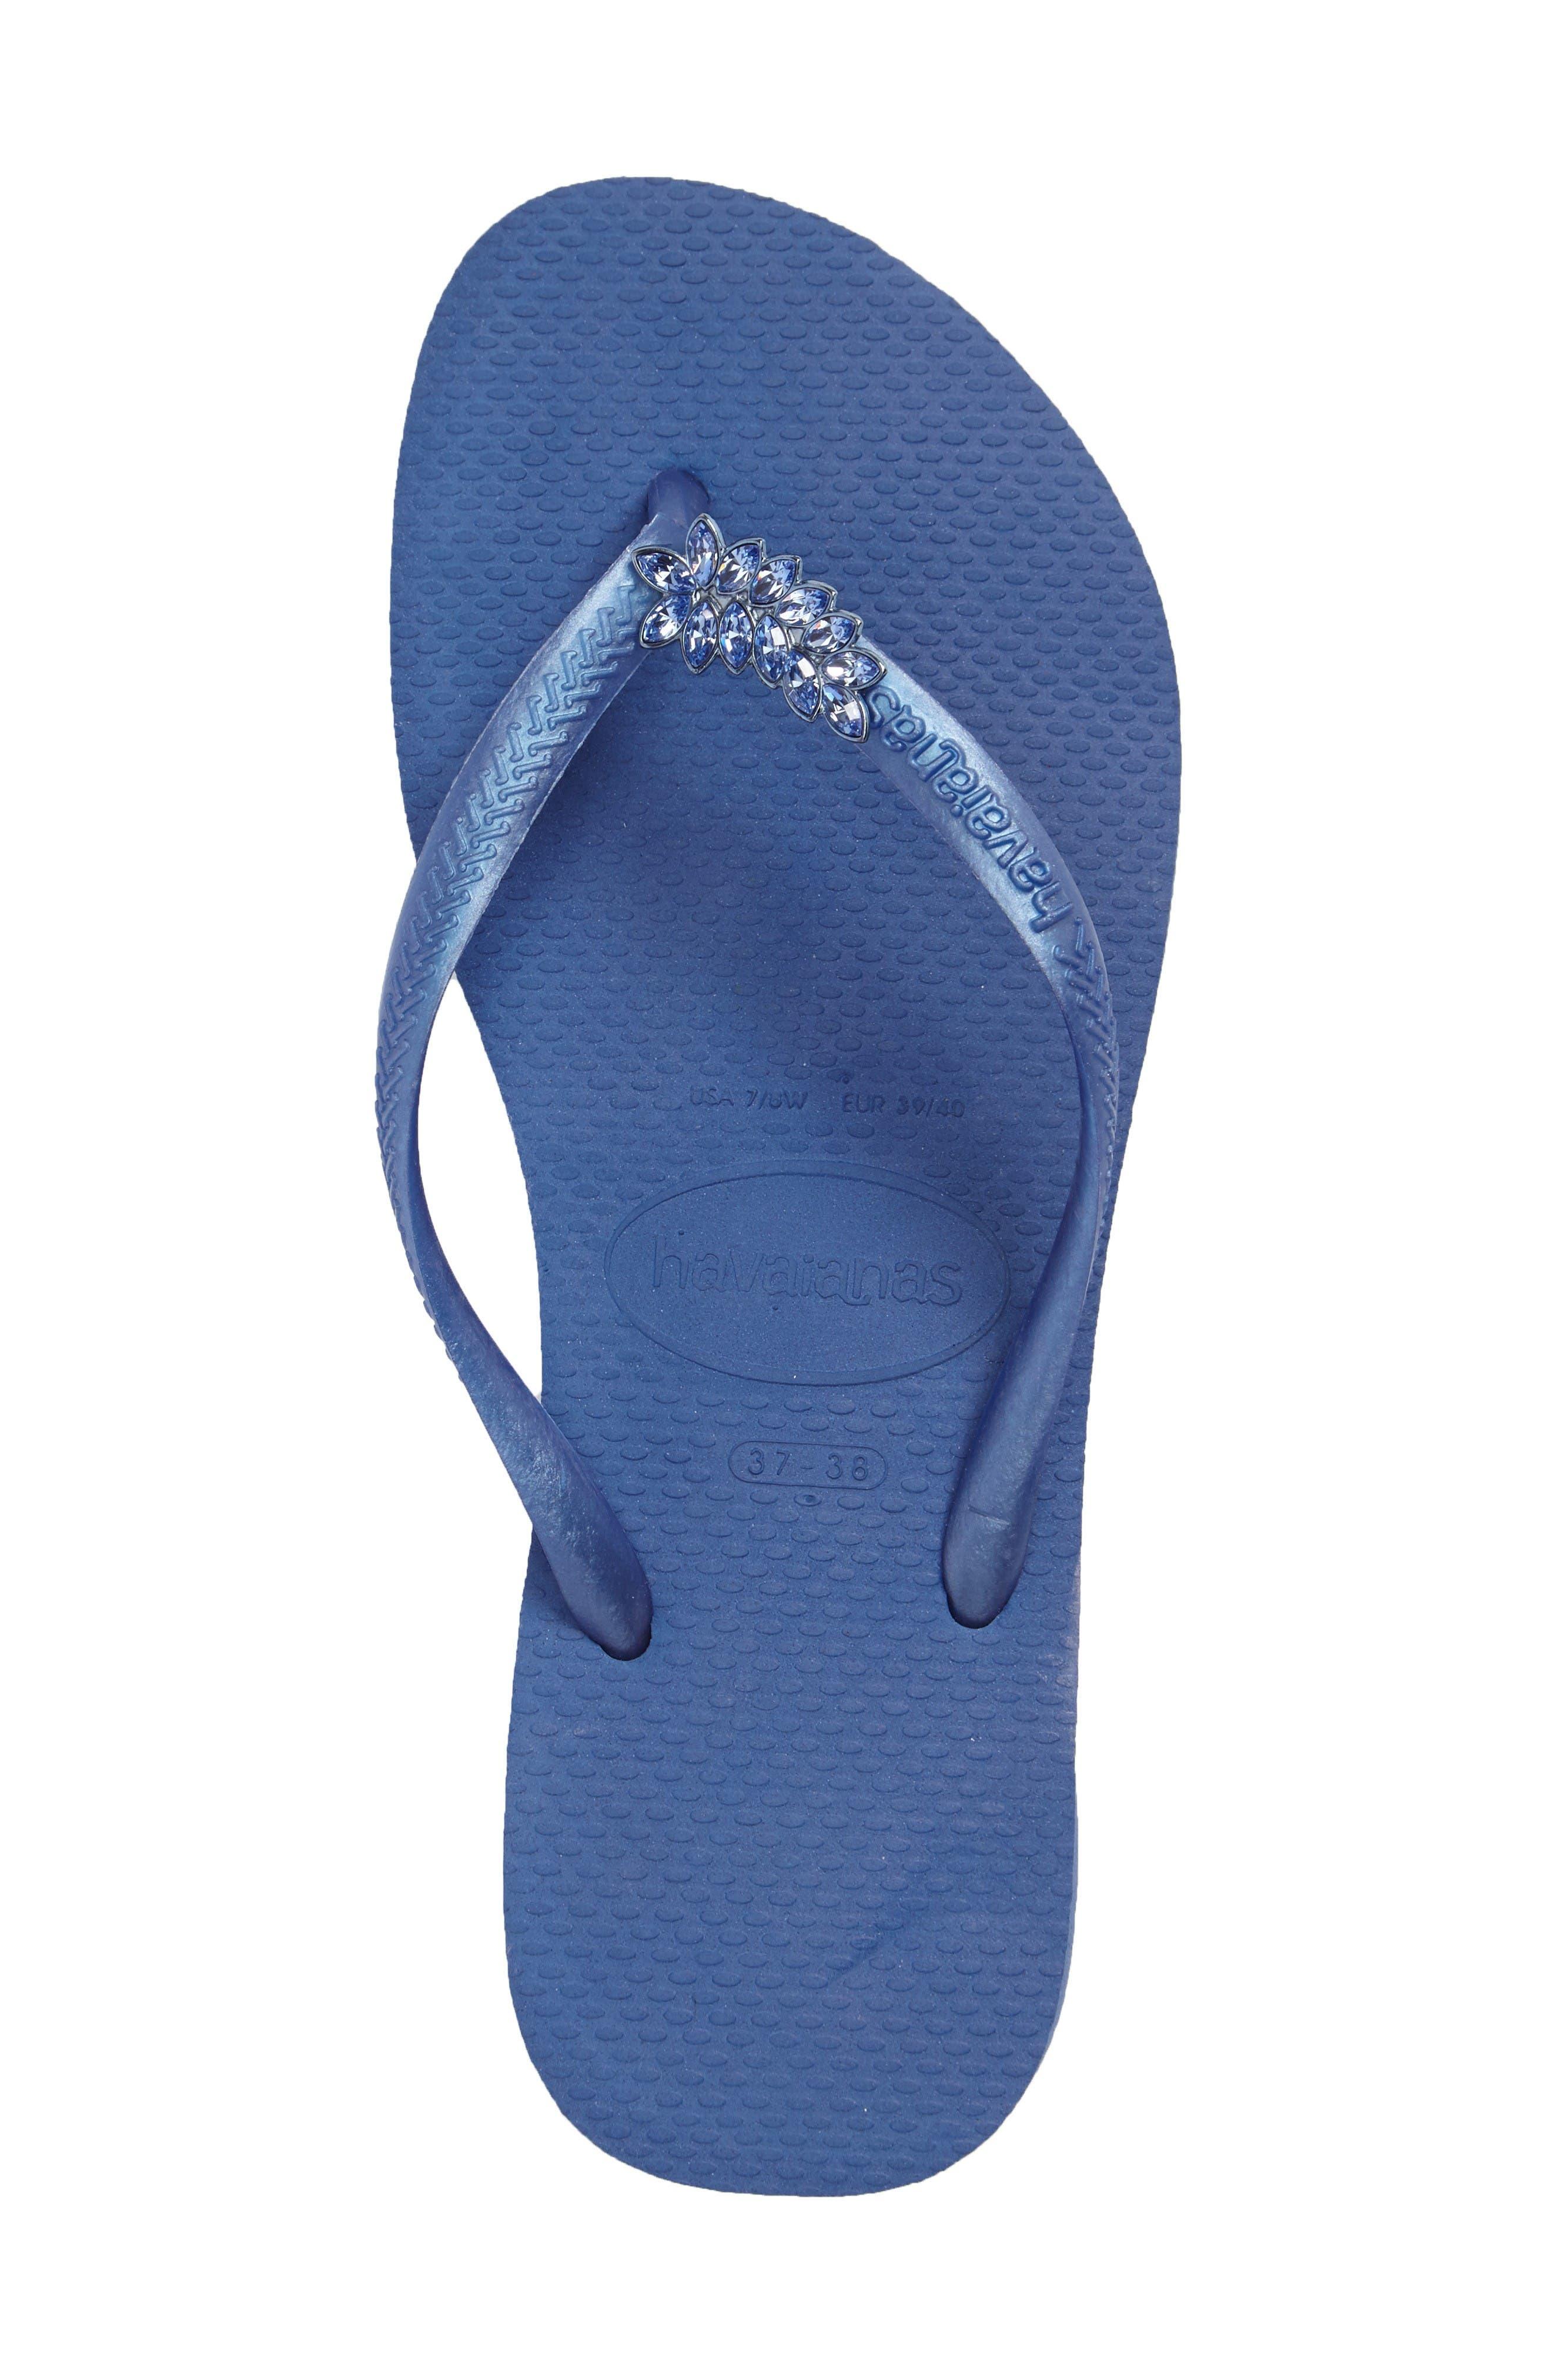 Alternate Image 3  - Havaianas Slim Lux Flip Flop (Women)